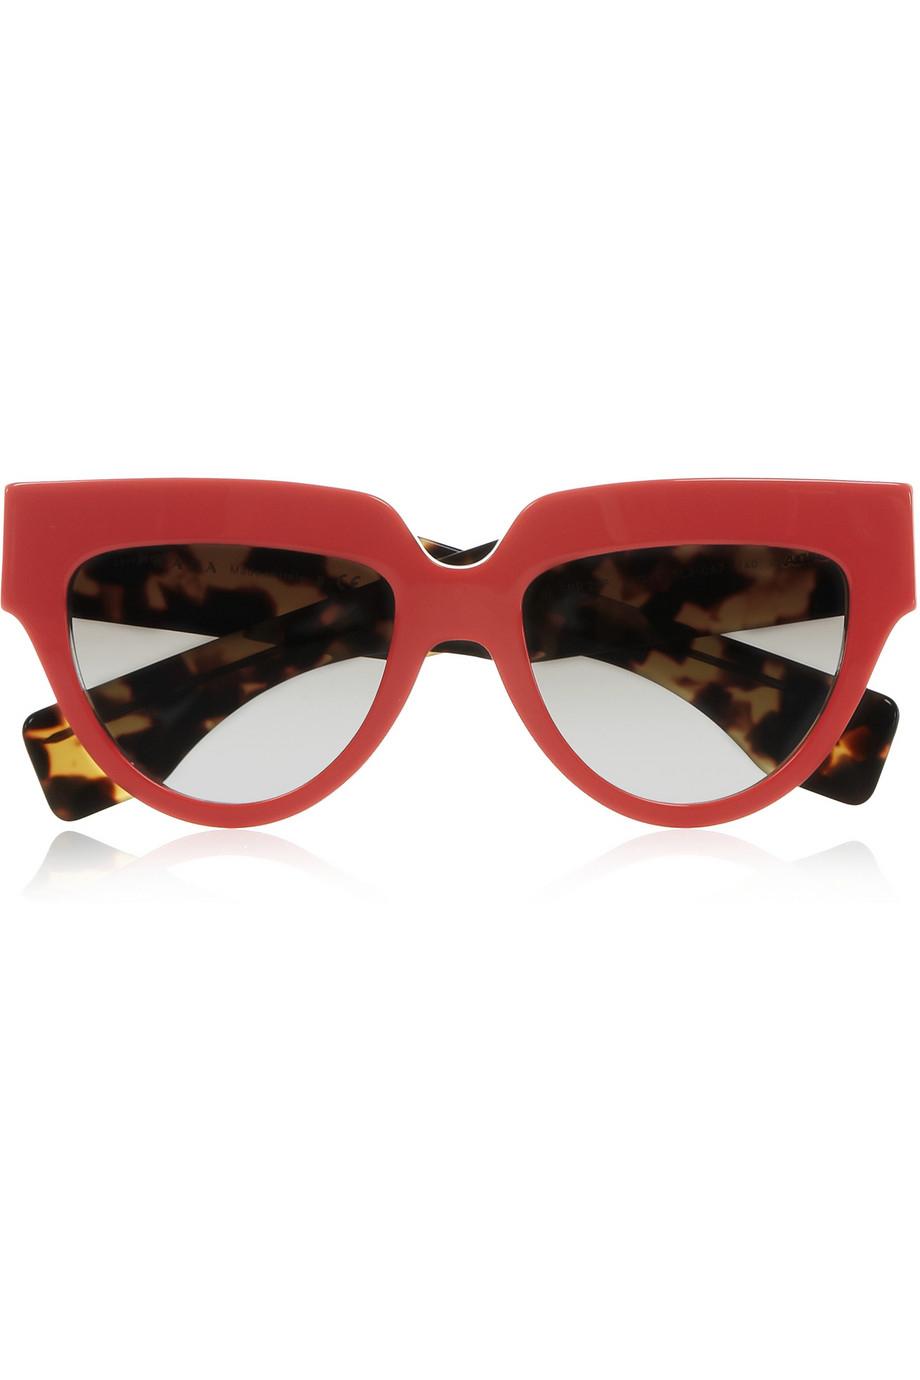 prada bags online usa - Prada Cat Eye Acetate Sunglasses in Red | Lyst